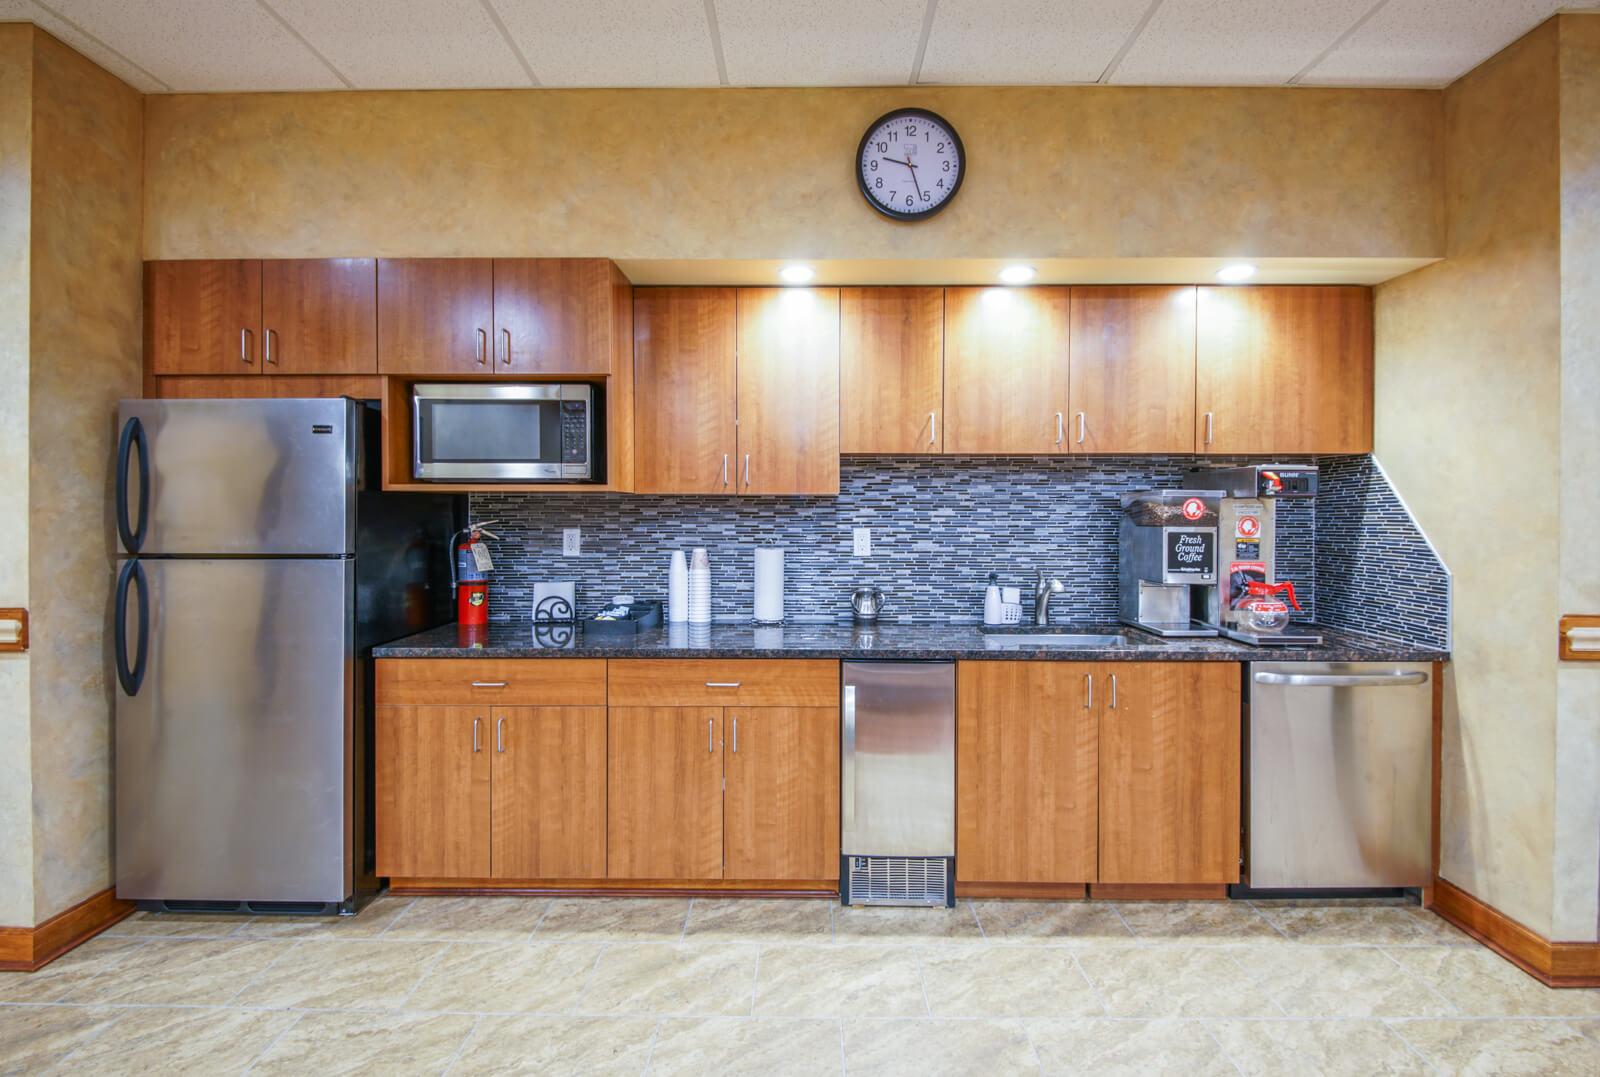 Full kitchen office amenities